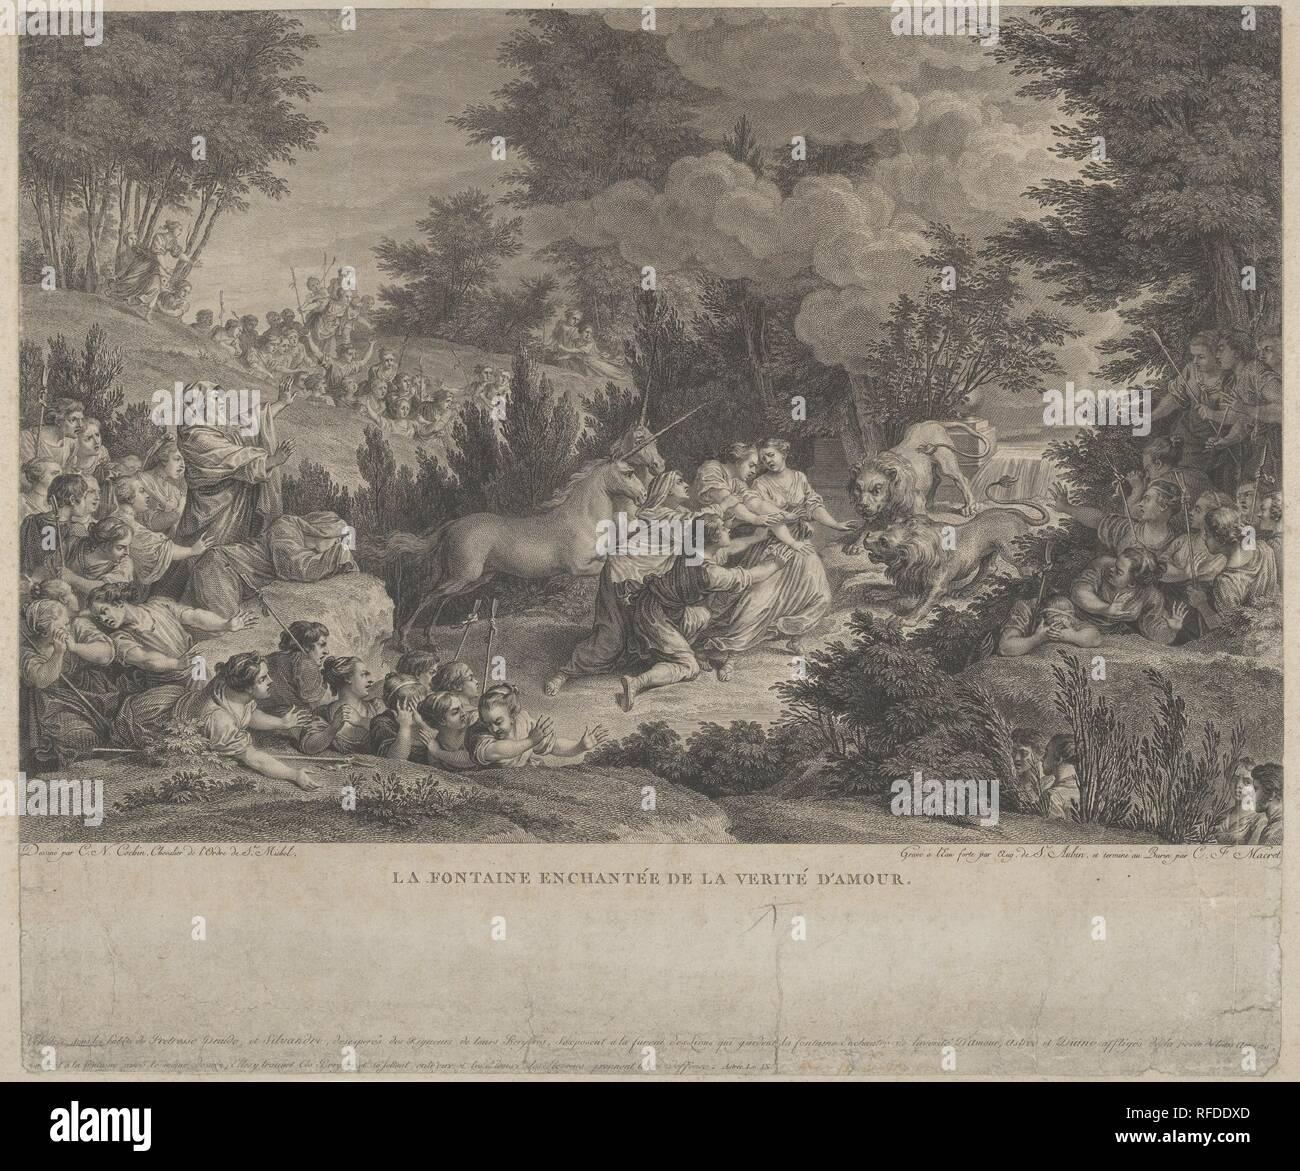 The Enchanted Fountain of Love's Truth (La Fontaine Enchantée de la Verité d'Amour). Artist: Augustin de Saint-Aubin (French, Paris 1736-1807 Paris); Charles François Adrien Macret (French, Abbeville 1751-1789 Paris). Dimensions: sheet: 11 1/4 x 13 3/8 in. (28.5 x 34 cm). Draftsman: Charles Nicolas Cochin II (French, Paris 1715-1790 Paris). Date: n.d.. Museum: Metropolitan Museum of Art, New York, USA. Stock Photo